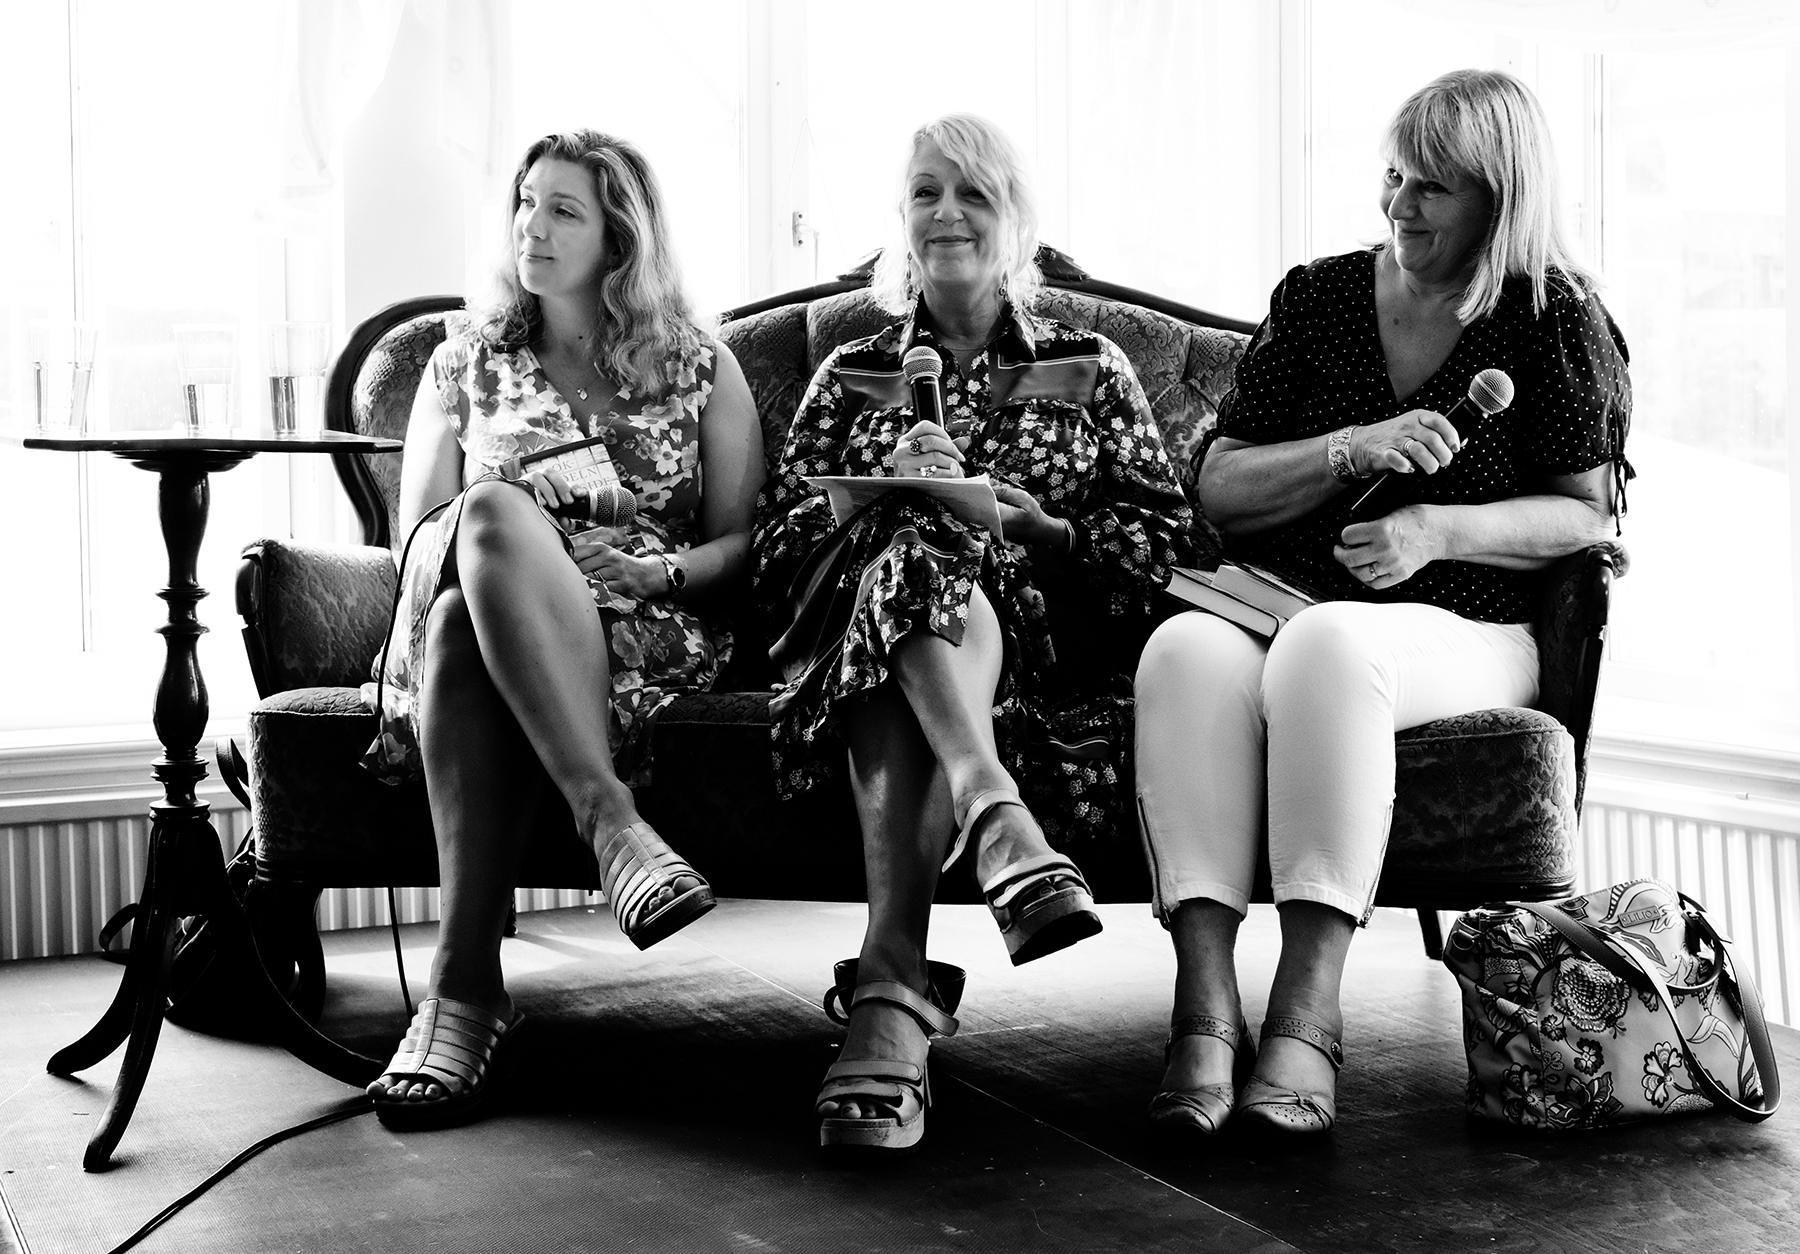 Frida Skybäck, Lina Forss och Ewa Klingberg i antik soffa på scenen.